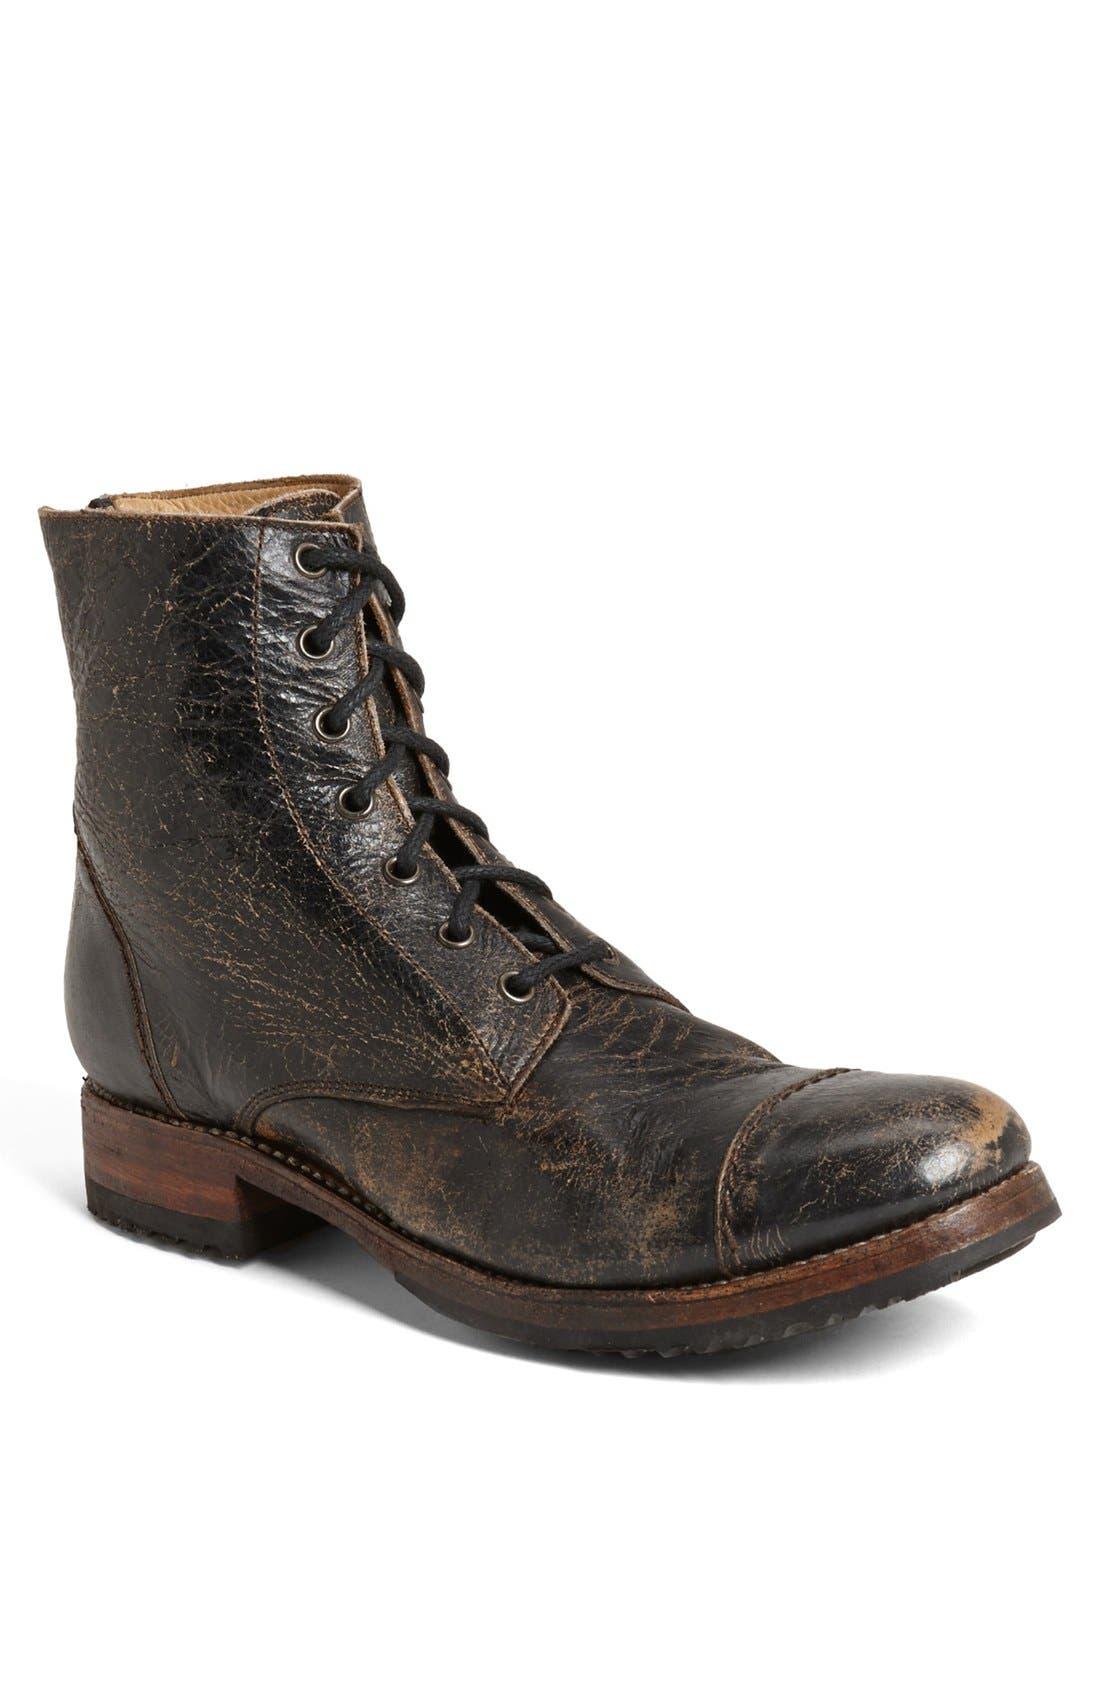 'Protege' Cap Toe Boot